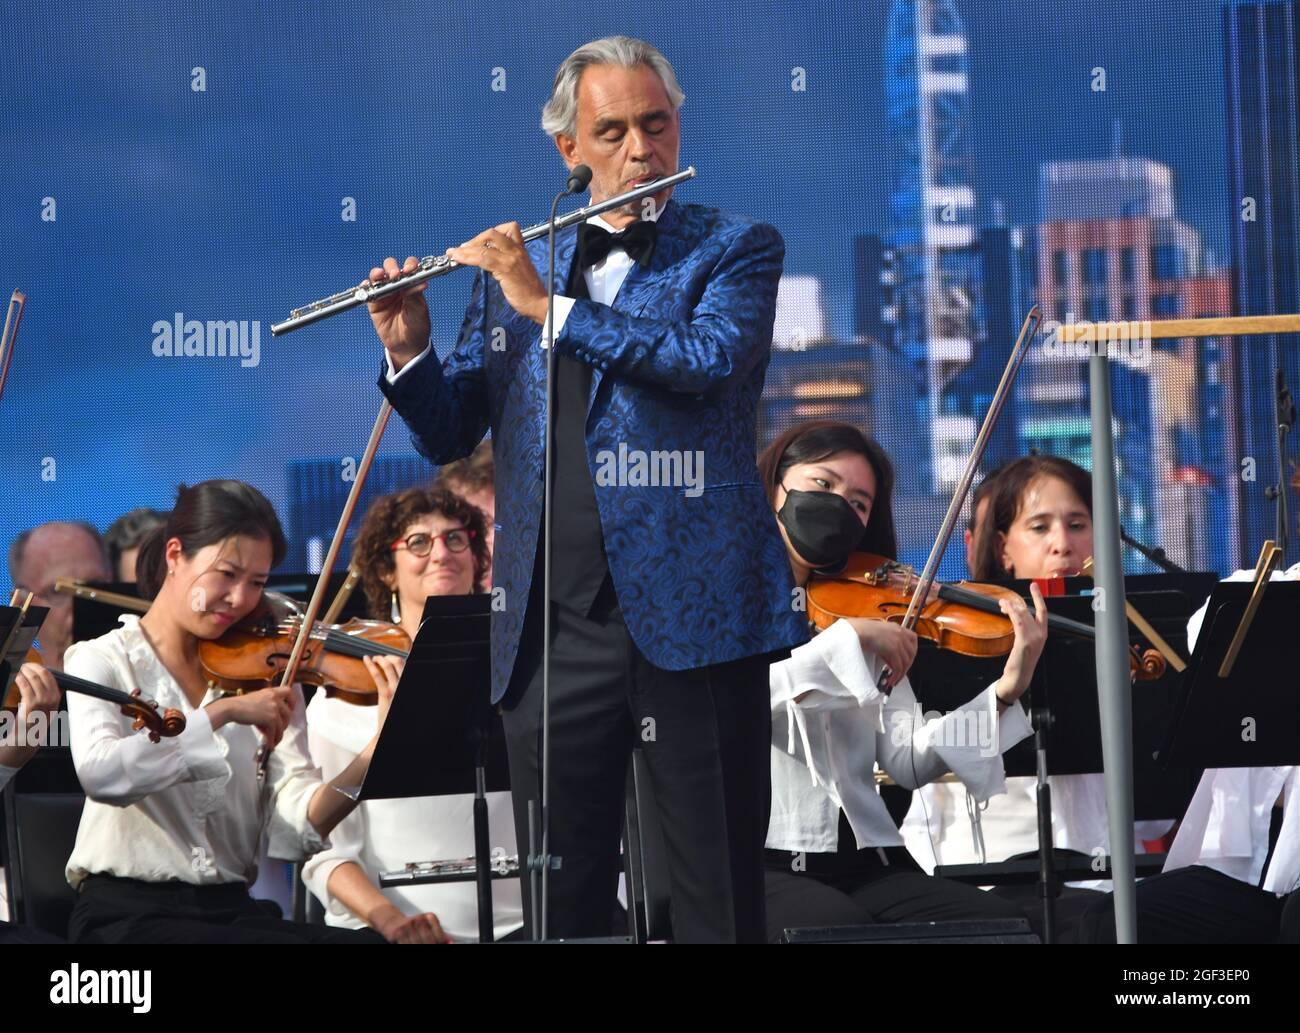 NEW YORK, NEW YORK - 21. AUGUST: Andrea Bocelli spielt auf der Bühne mit dem New York Philharmonic während We Love NYC: The Homecoming Concert, produziert von NYC, Clive Davis und Live Nation am 21. August 2021 in New York City. (Foto von John Atashian) Stockfoto